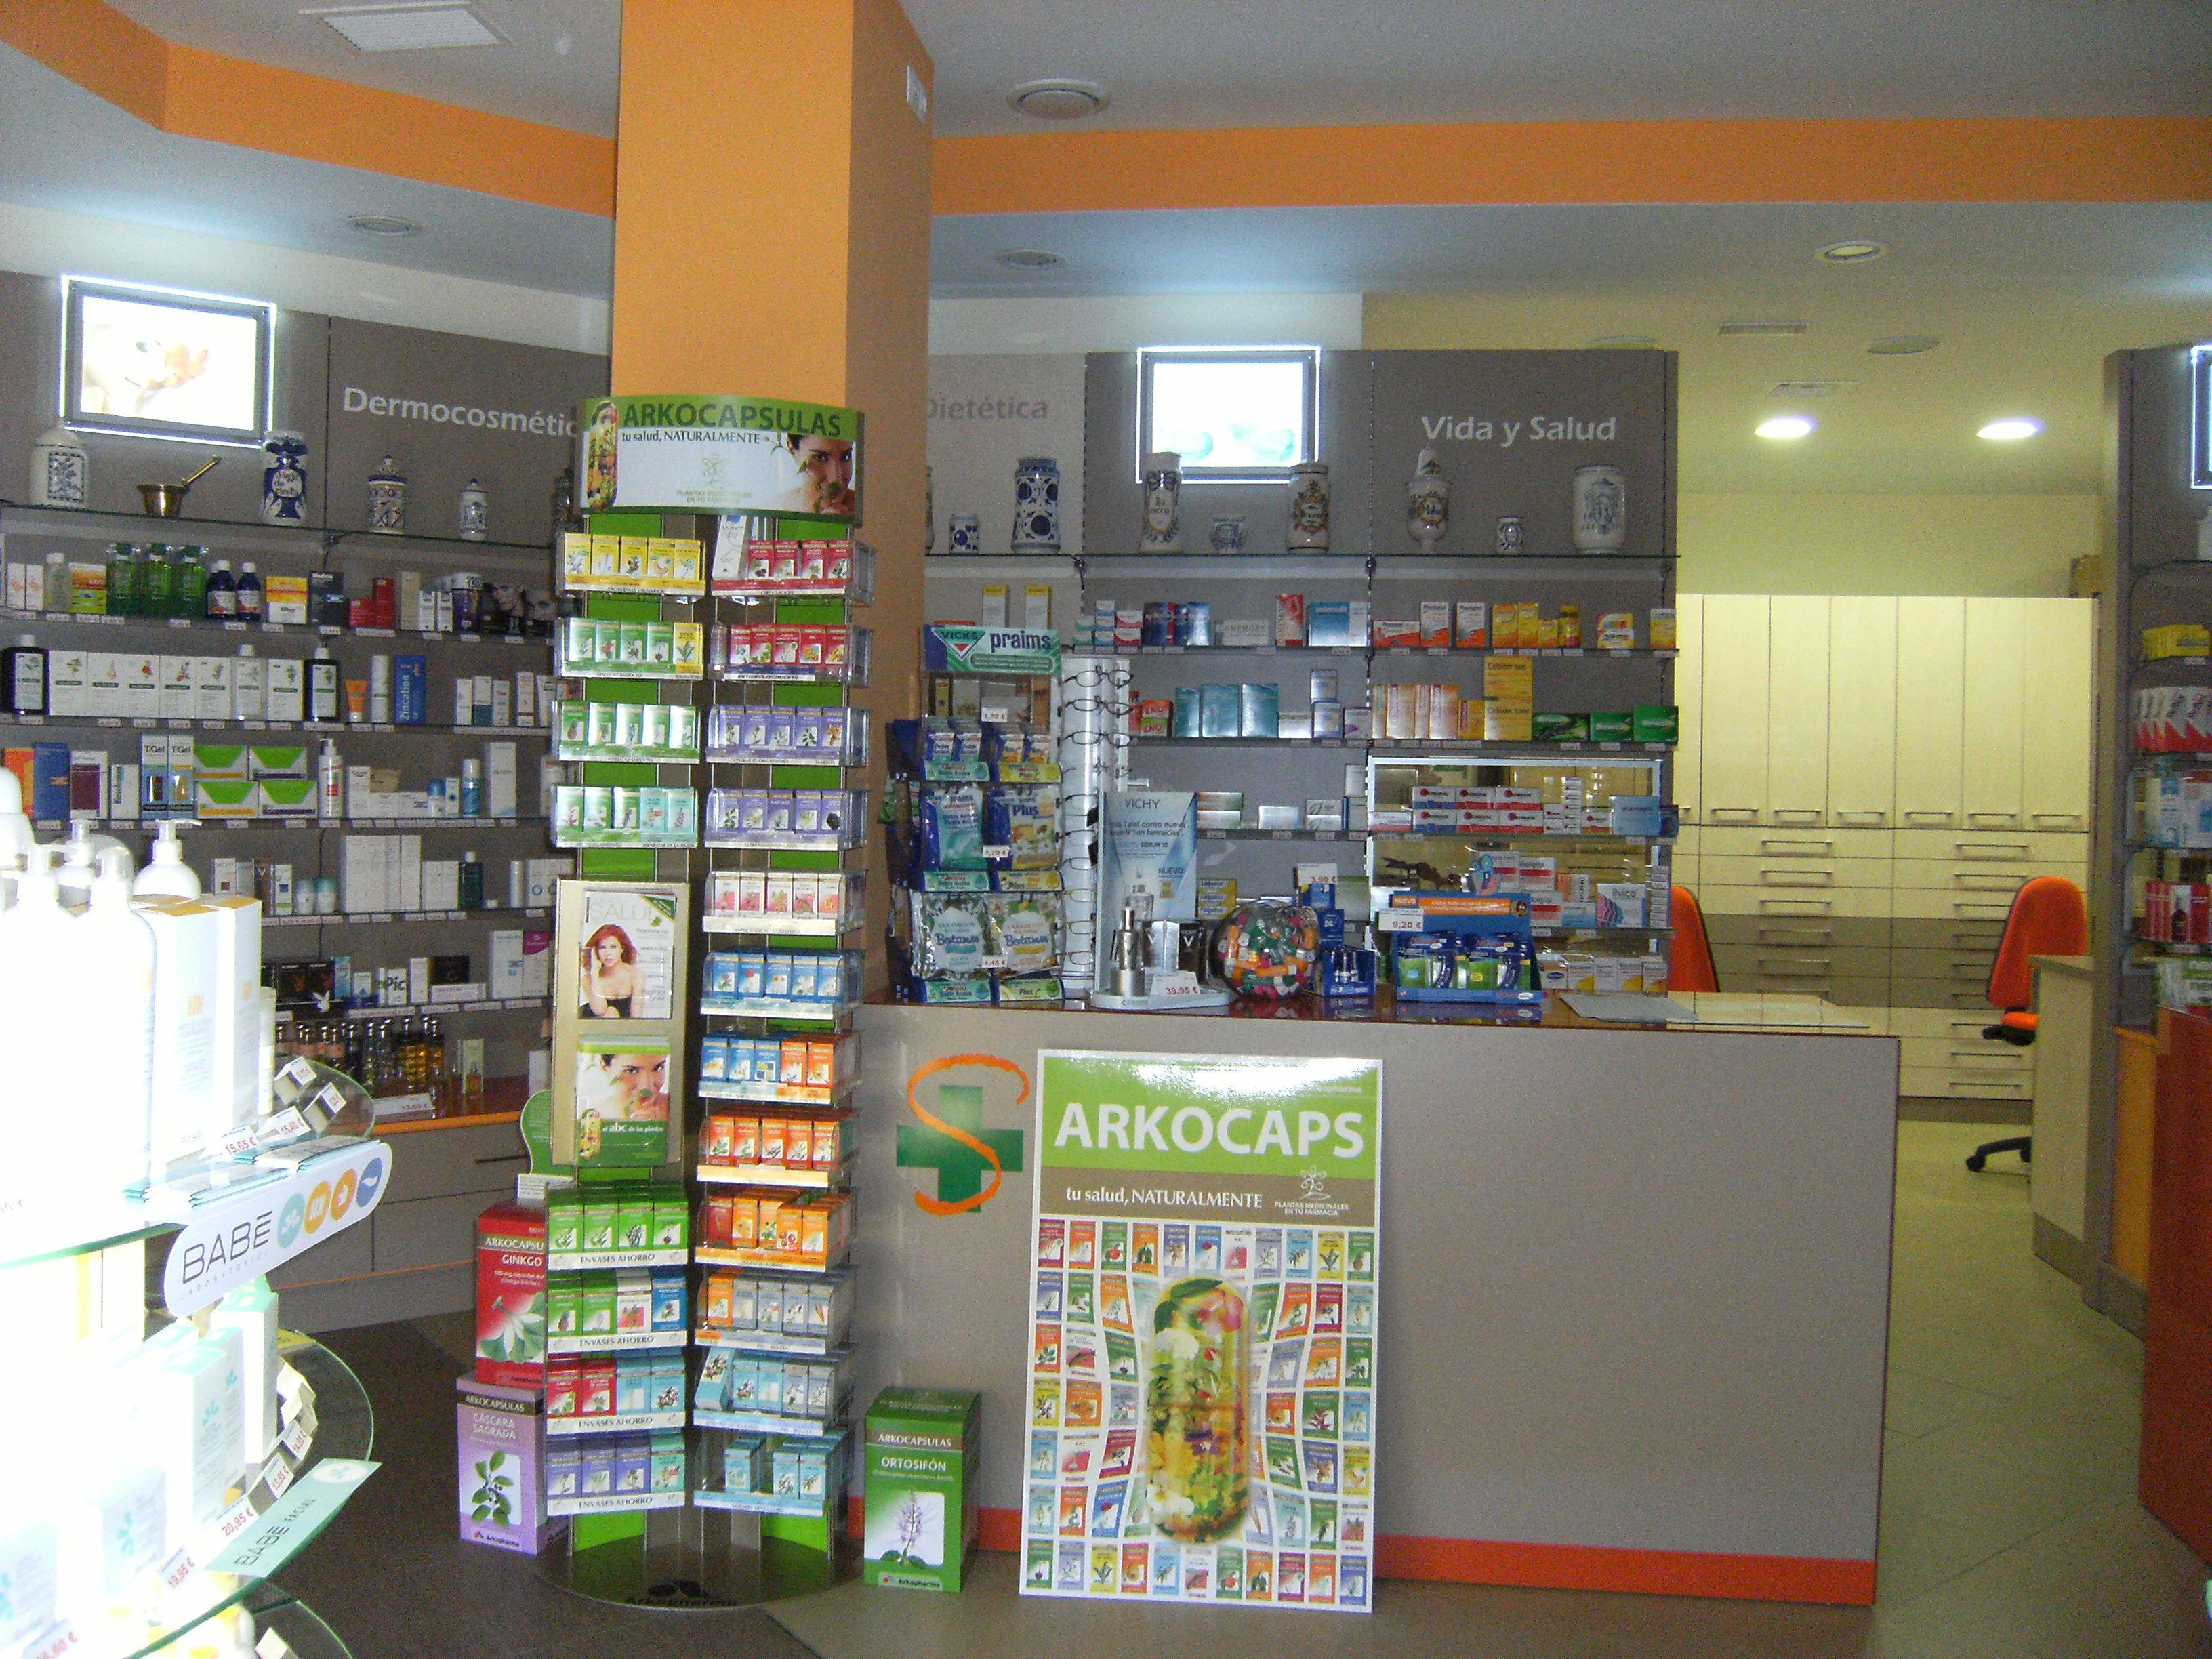 Foto 9 de Farmacias en San Andrés del Rabanedo | Farmacia Ldo. Alberto Sáenz Ruiz